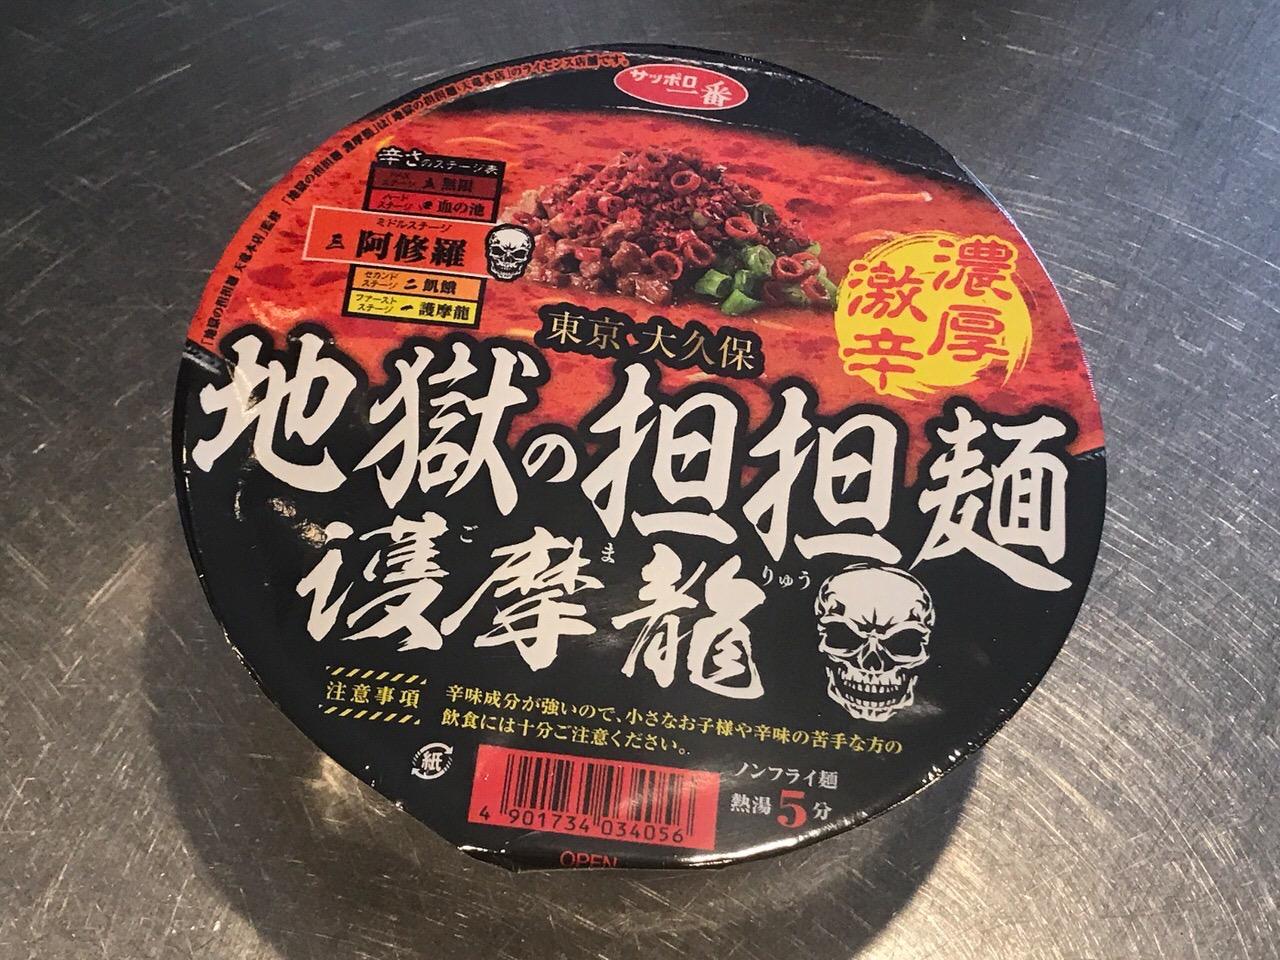 サッポロ一番「地獄の担担麺 護摩龍」はどれくらい辛いのか?